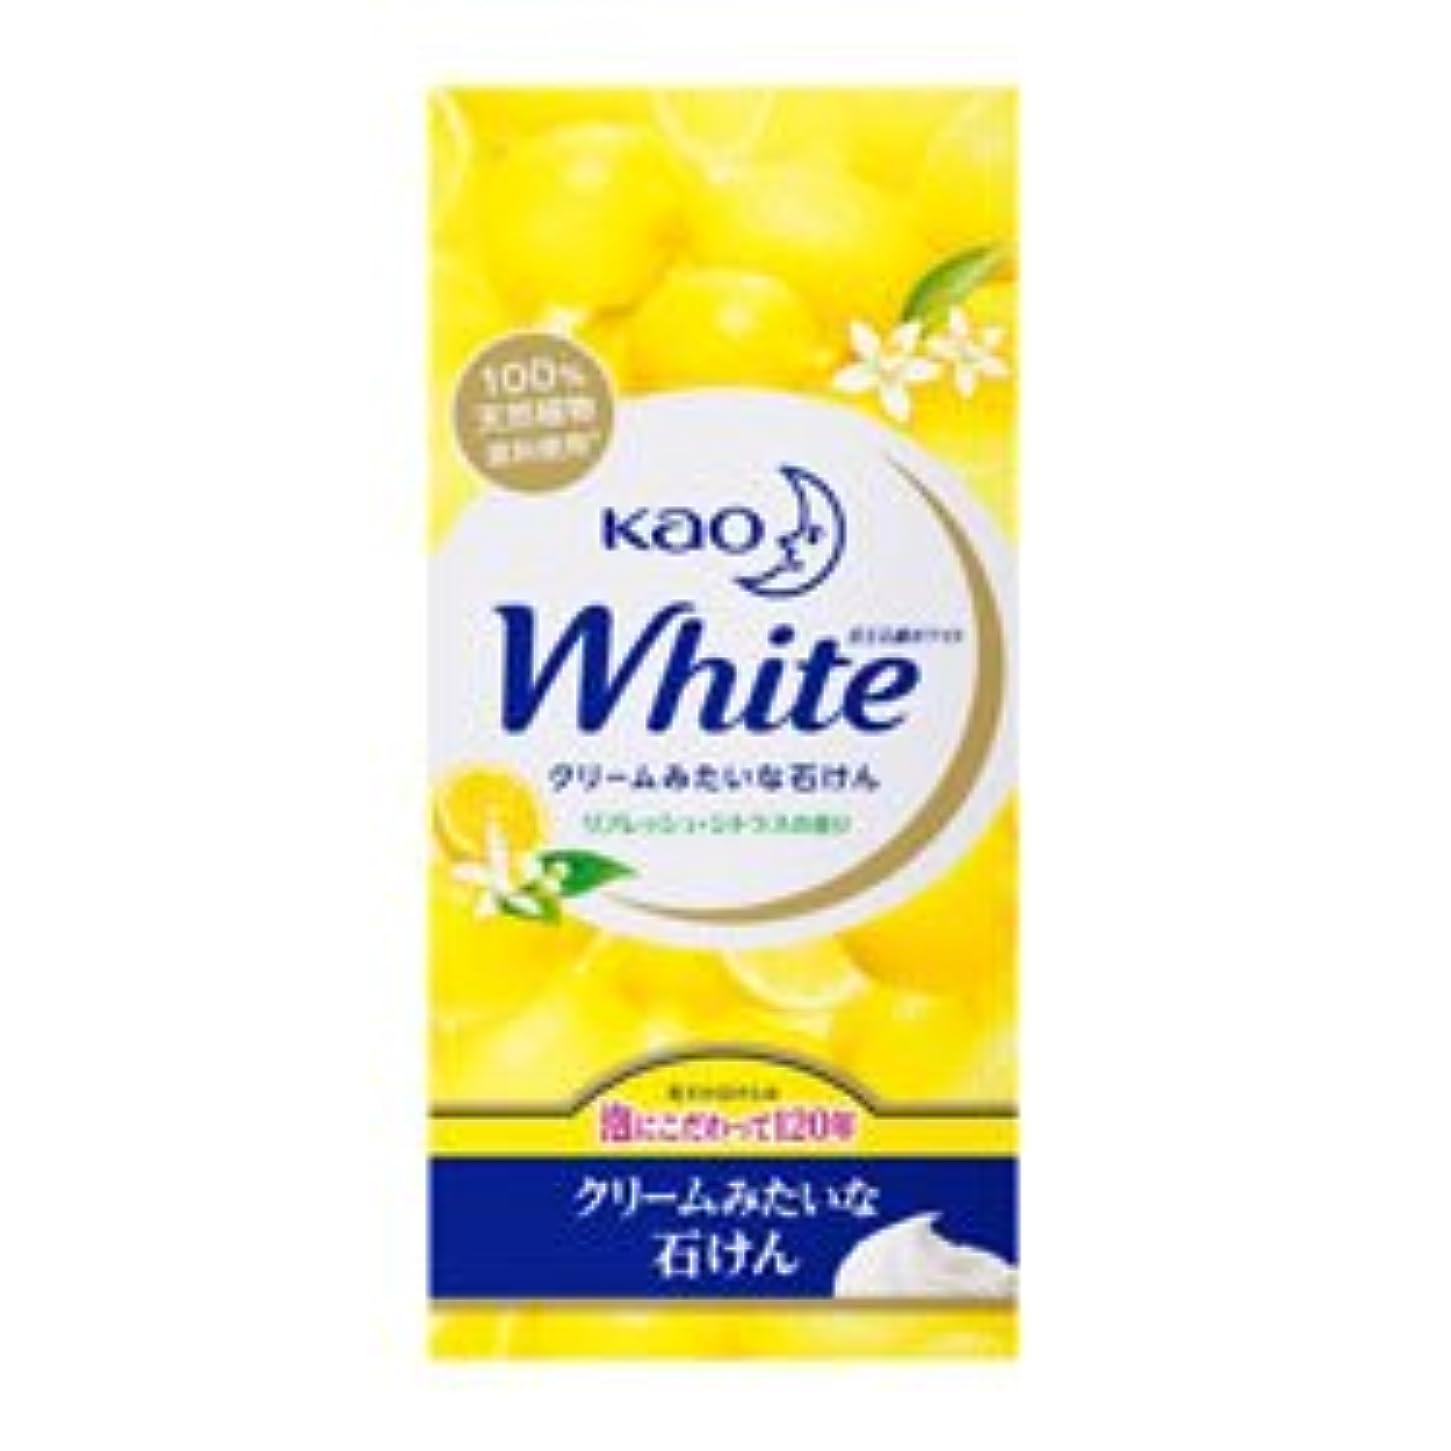 シンボル病的わずかな【花王】ホワイト リフレッシュ?シトラスの香り レギュラーサイズ 85g×6個入 ×20個セット